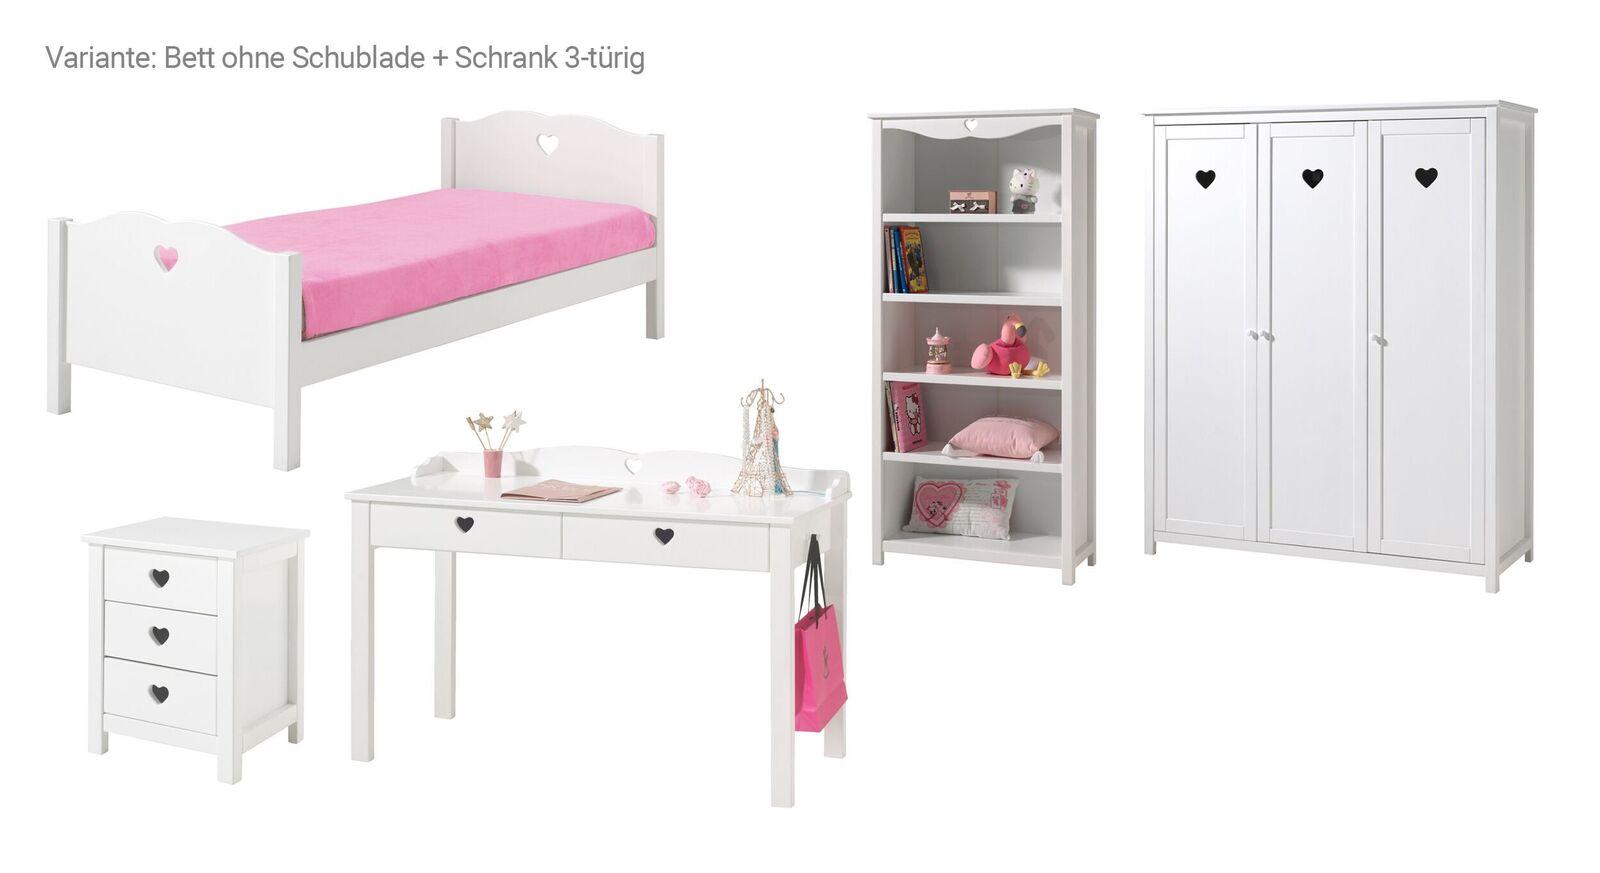 5-tlg Jugendzimmer Asami Bett ohne Schublade und 3-türiger Schrank